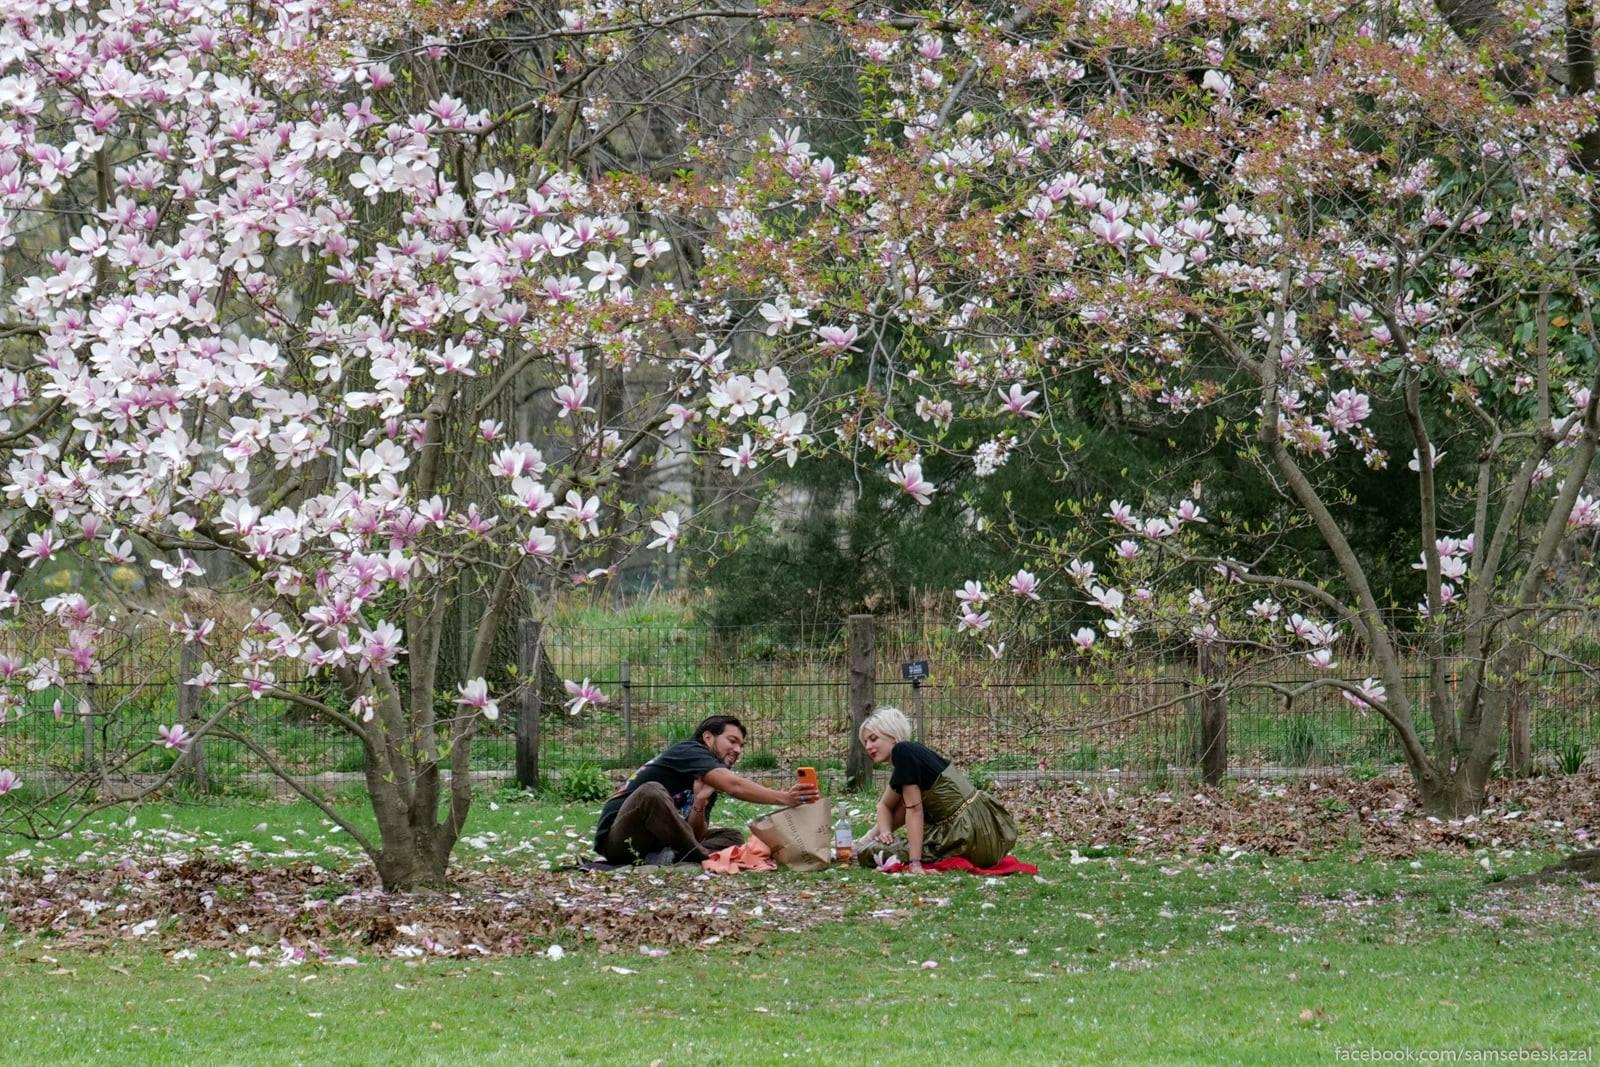 Piknik v Central'nom parke.